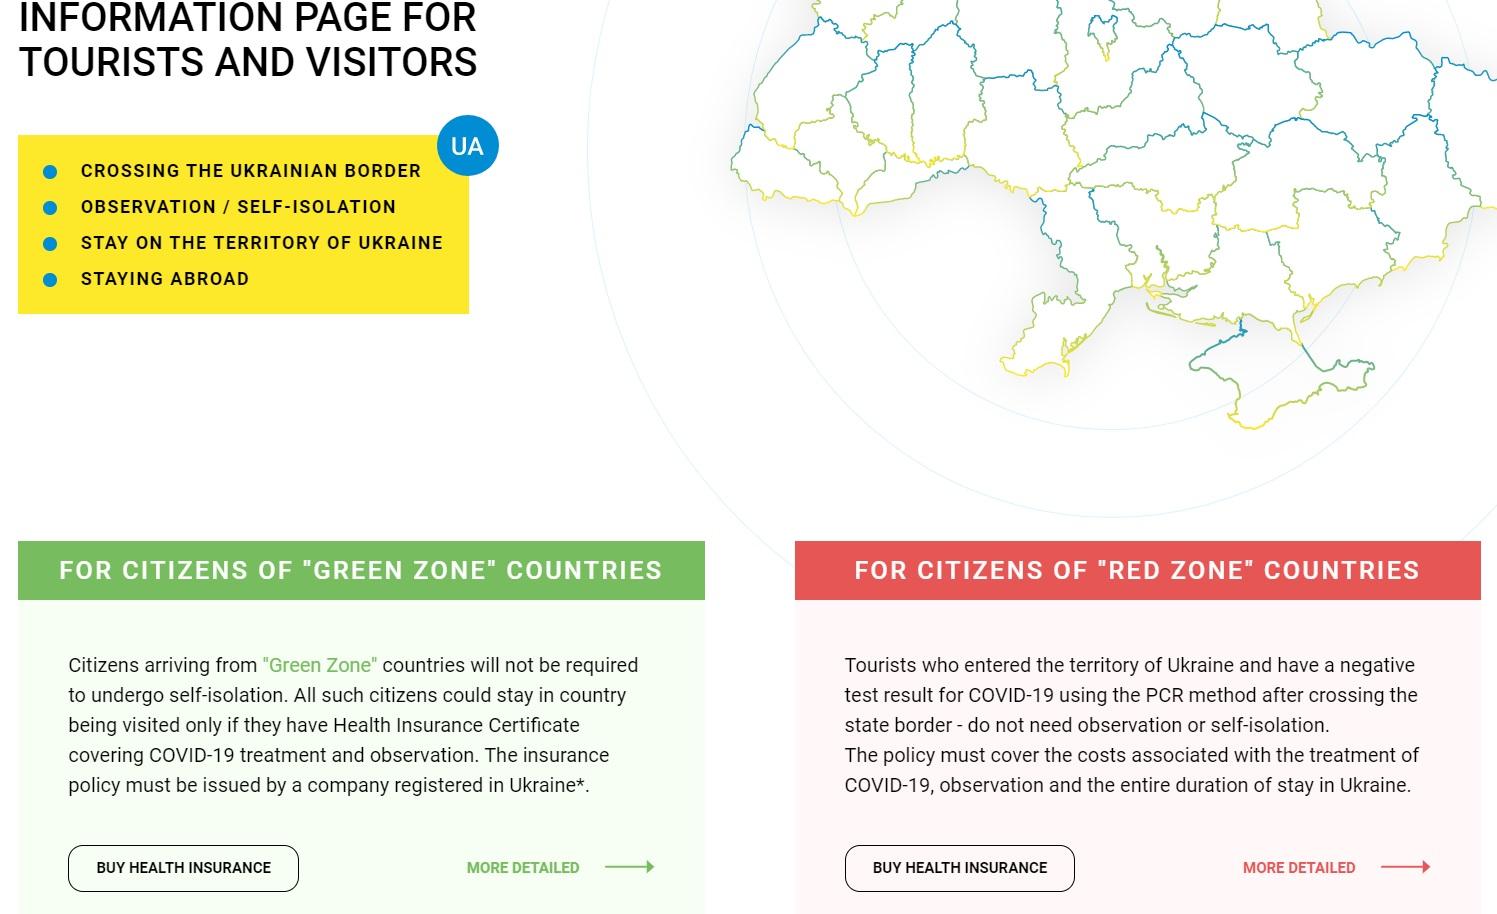 кіпр - ukraine: entry procedures